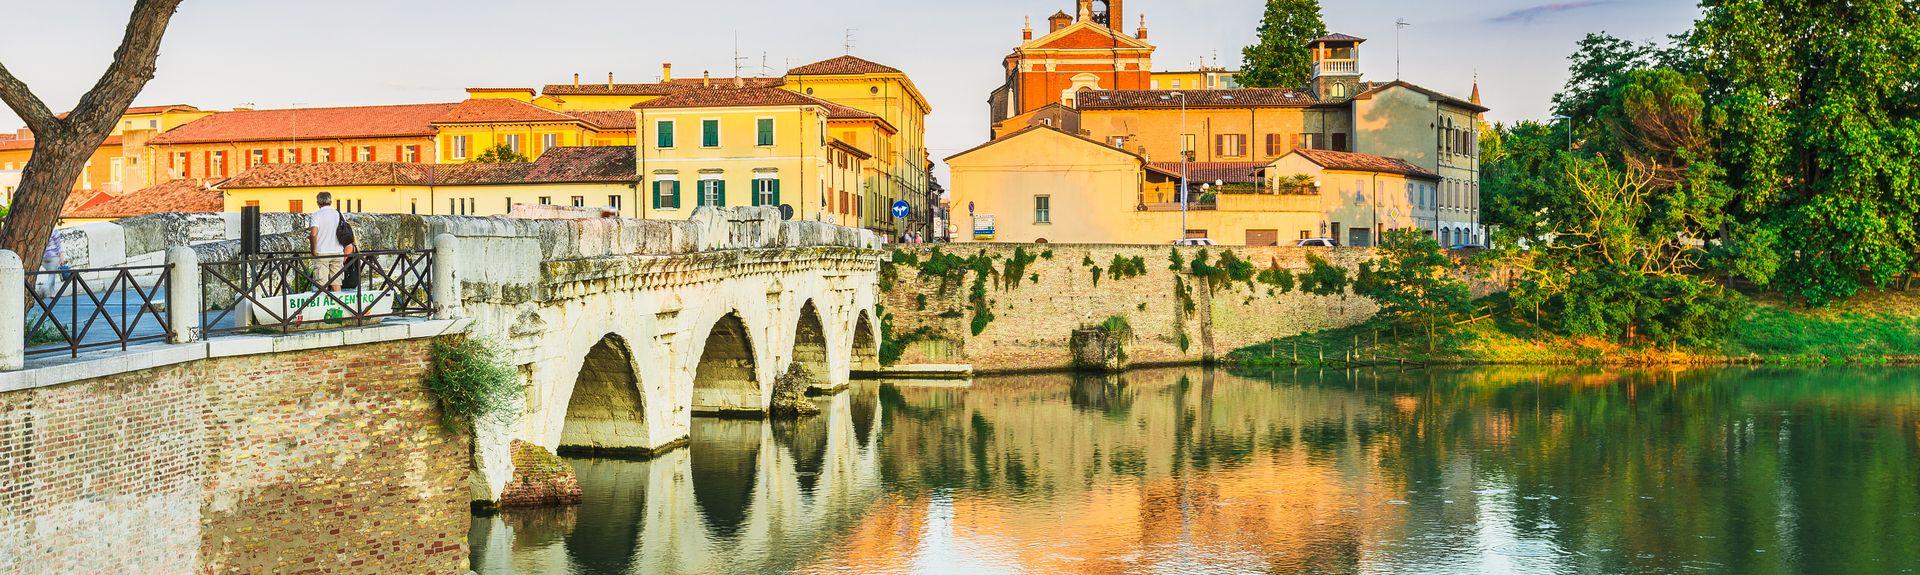 Rimini, Emilia-Romagna, Italy